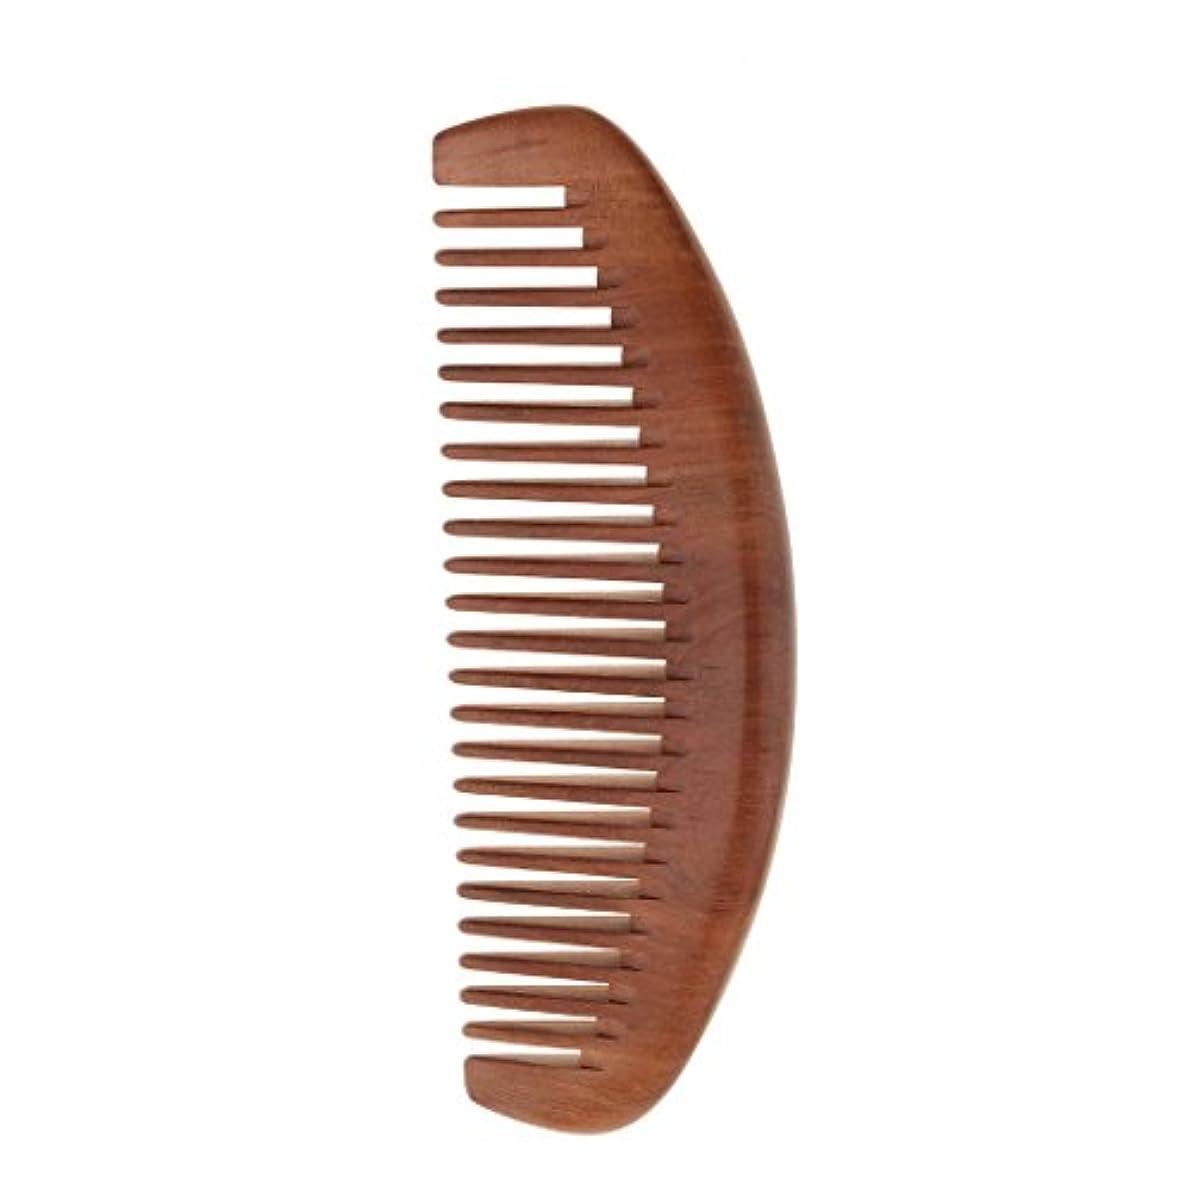 グローバル千化学薬品DYNWAVE 櫛 セットコーム 木製 ヘアコーム ヘアケア 頭皮マッサージ 静電気防止 桃の木 全2種類 - ワイド歯